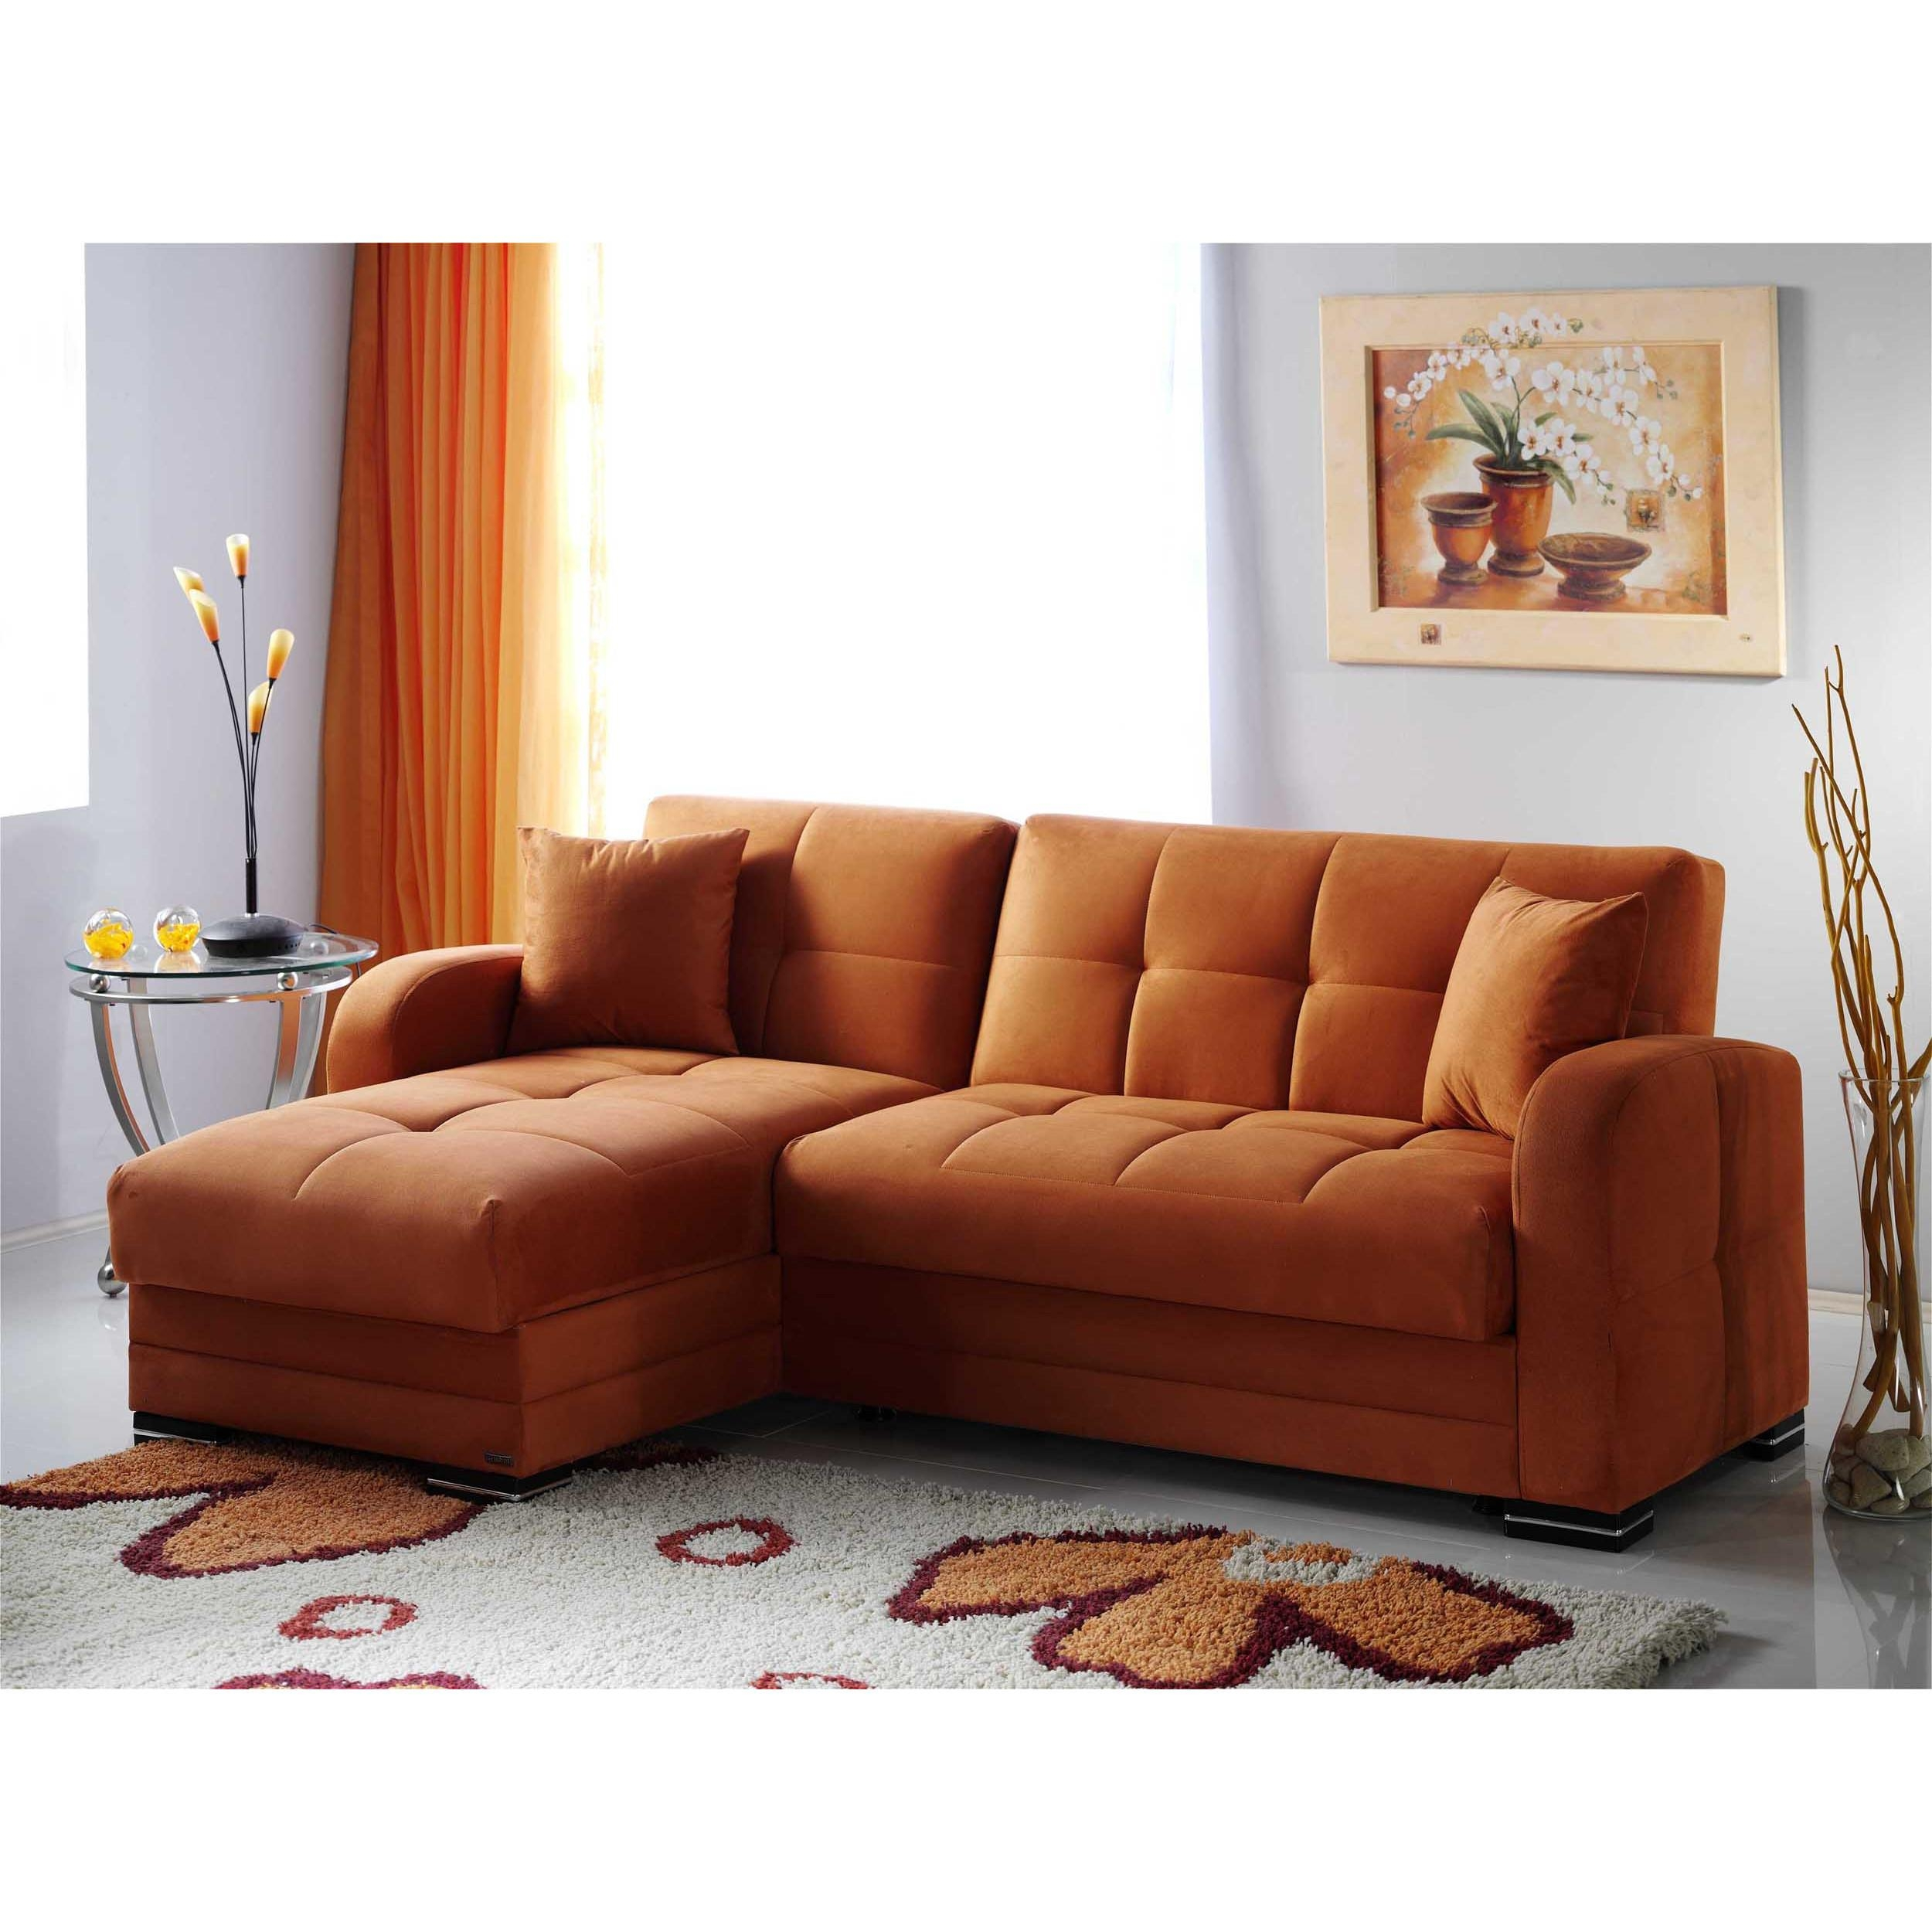 Kubo Rainbow Orange Sectional Sofasunset Inside Orange Sectional Sofas (Image 13 of 20)